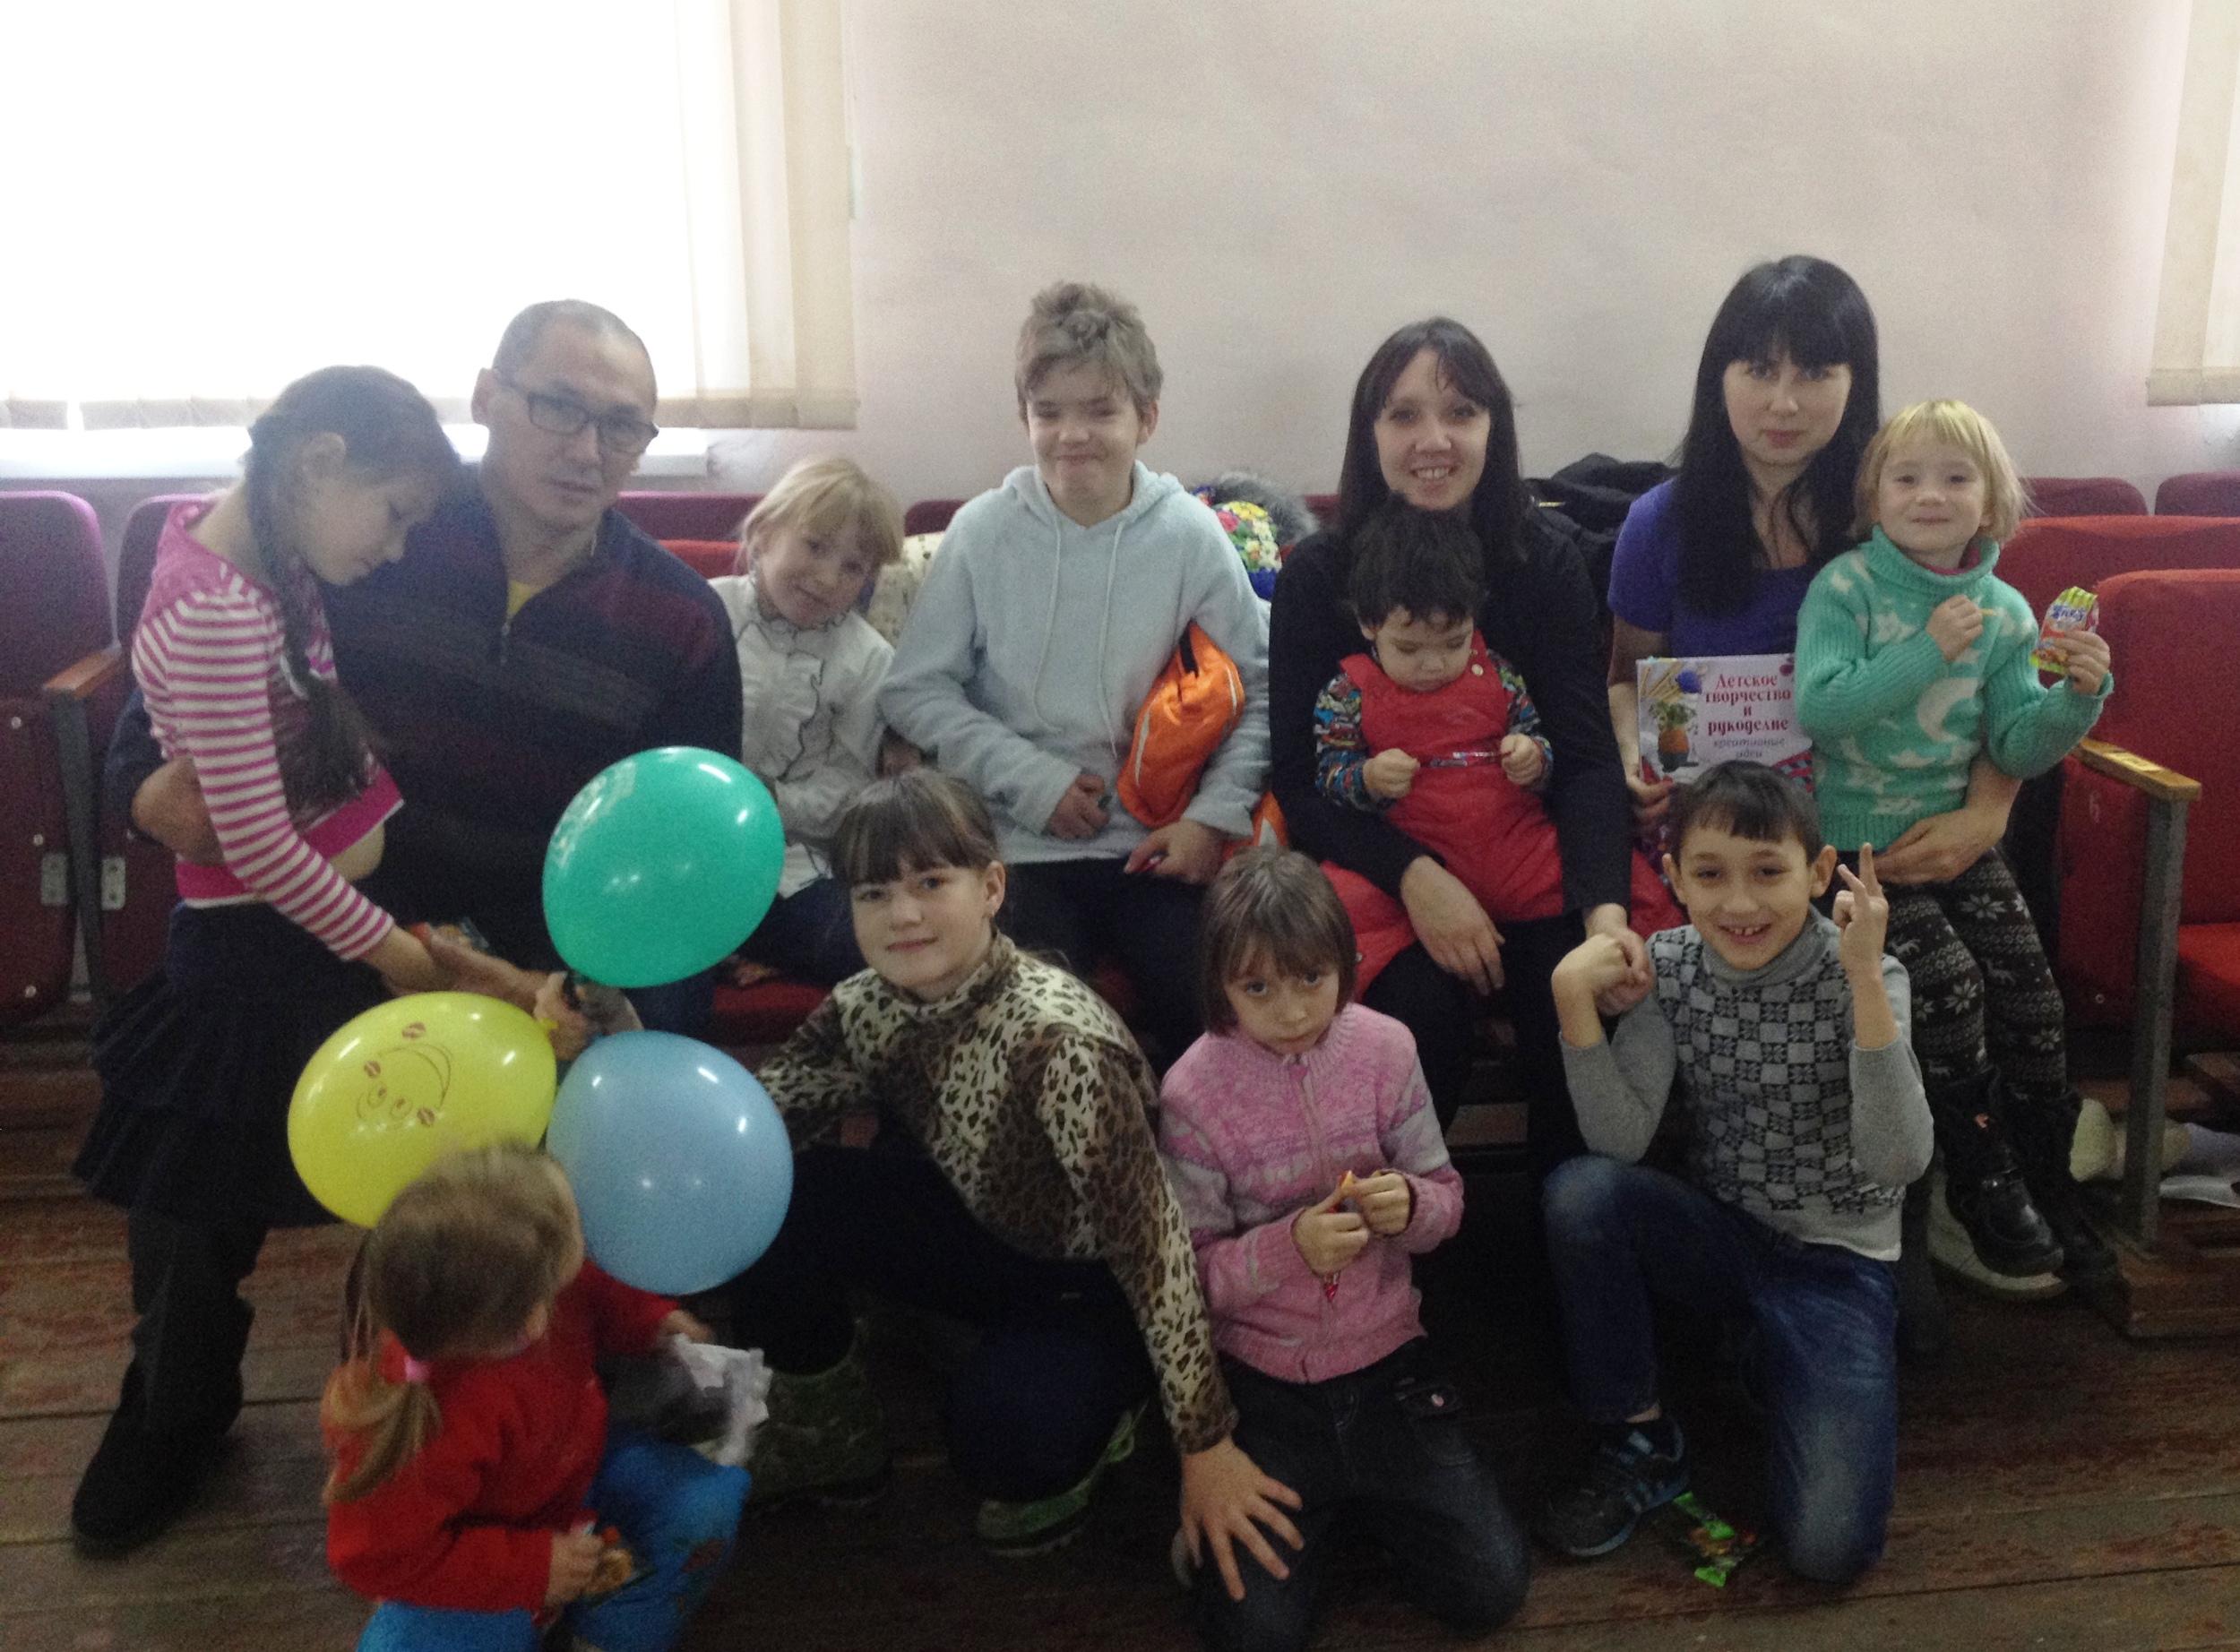 Sunday school for children of non-Christians.